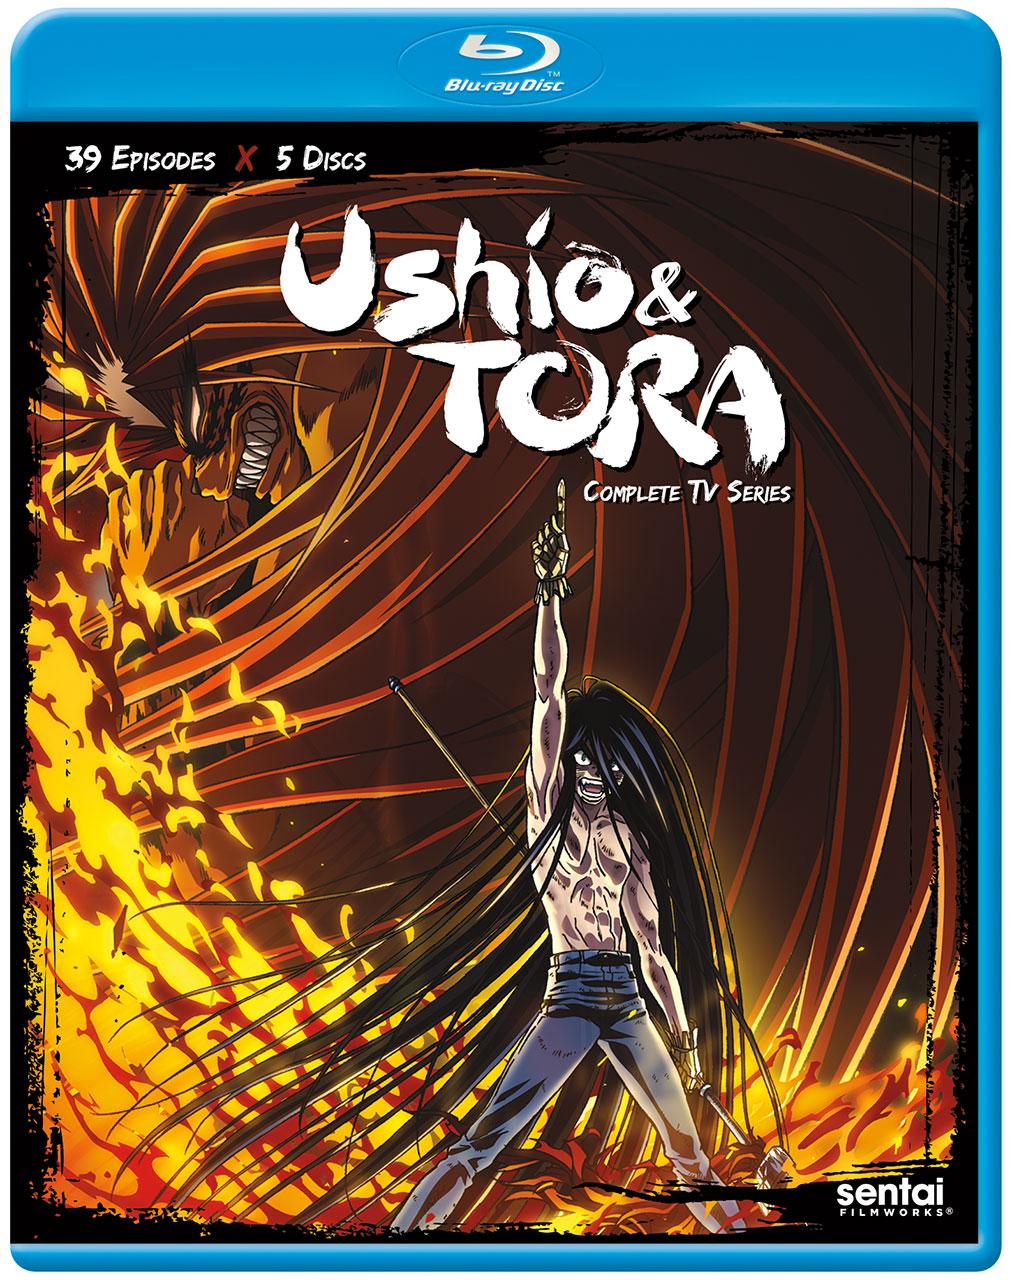 Ushio & Tora Blu-Ray 816726027609